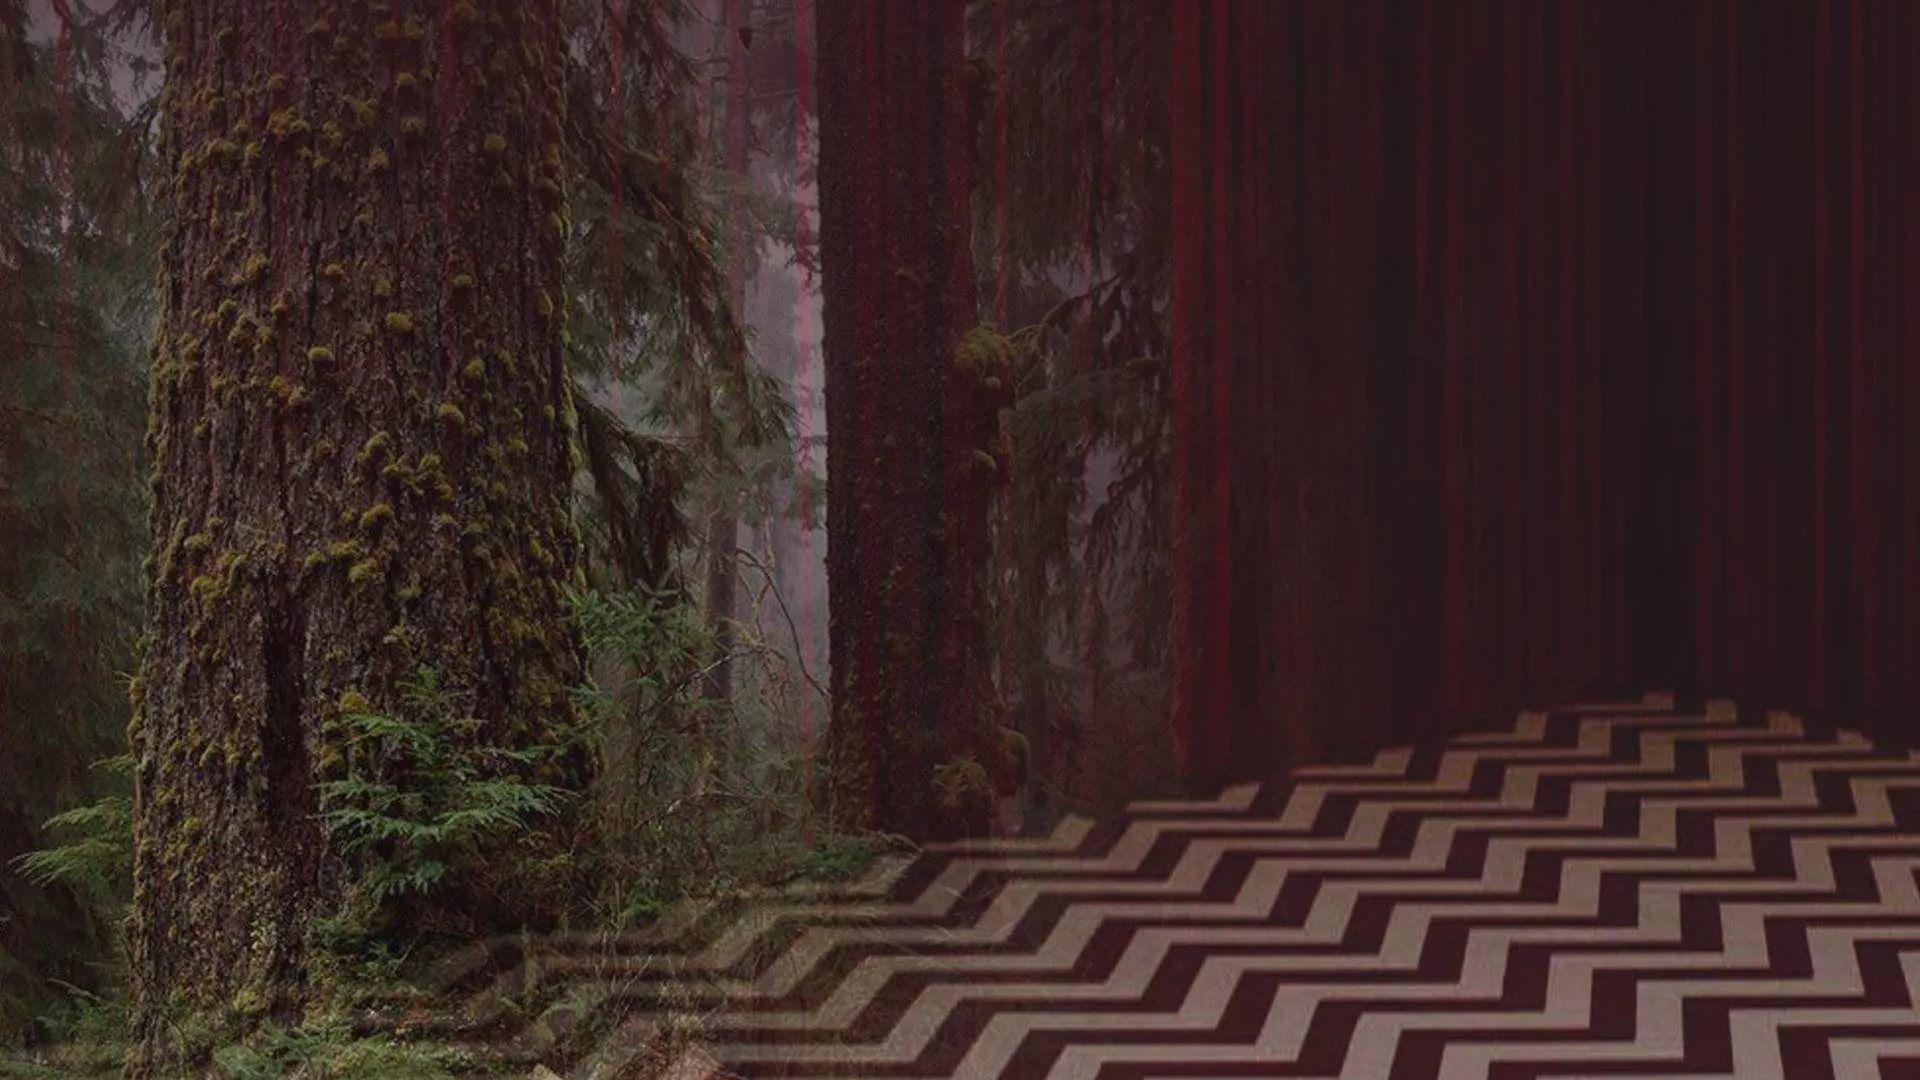 Twin Peaks Wallpaper Theme